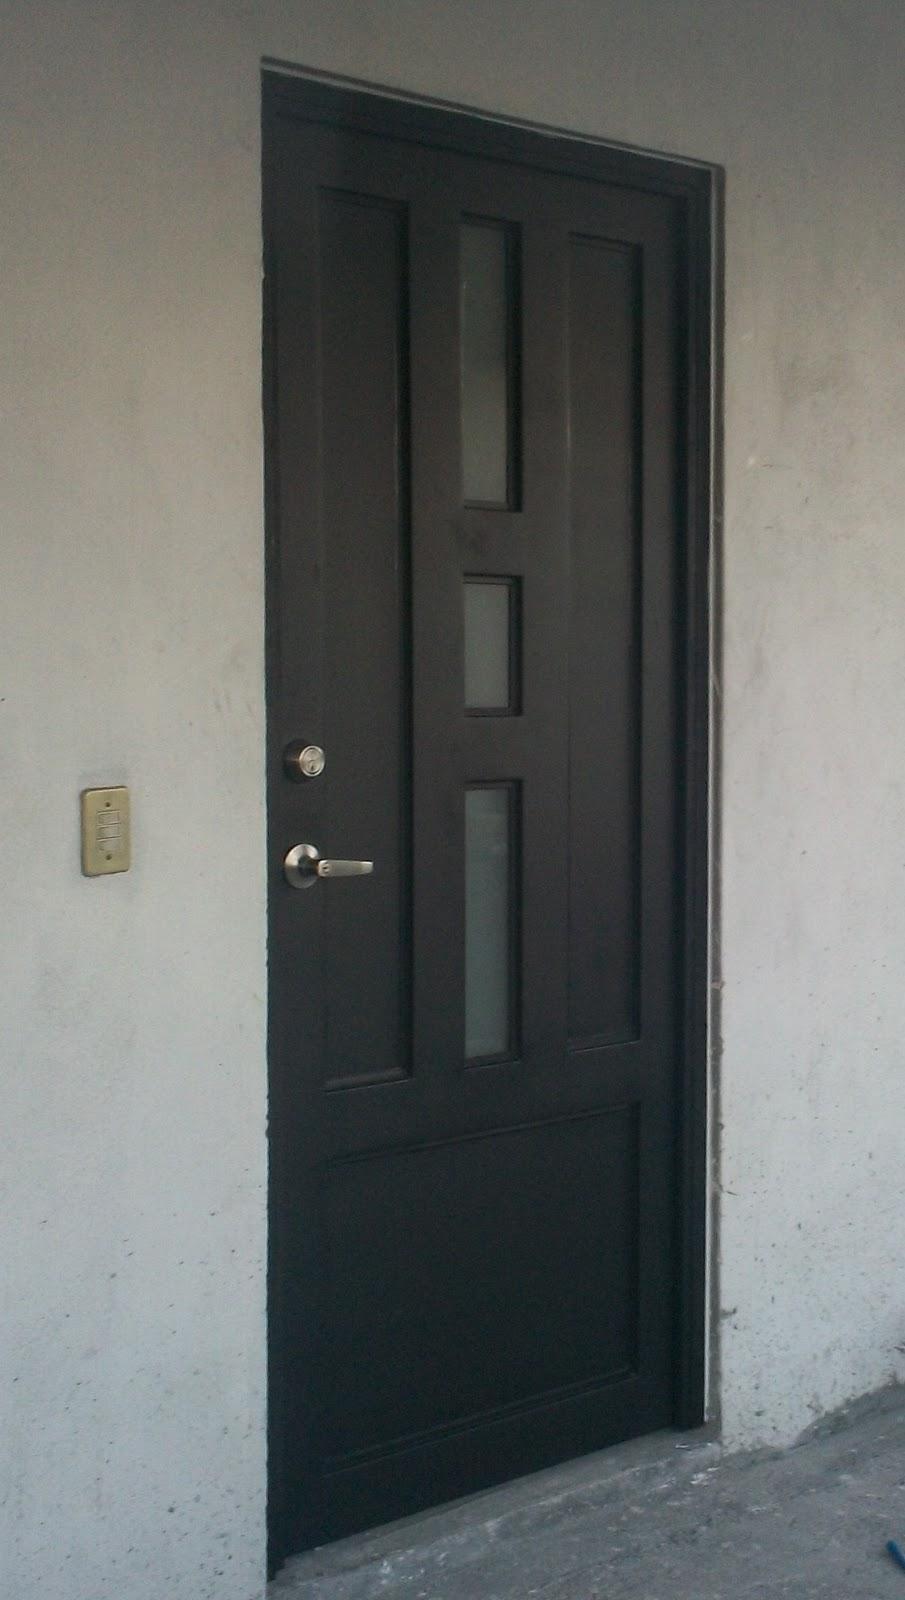 Regio protectores puerta principal de hierro modelo for Modelos de puertas principales para casas